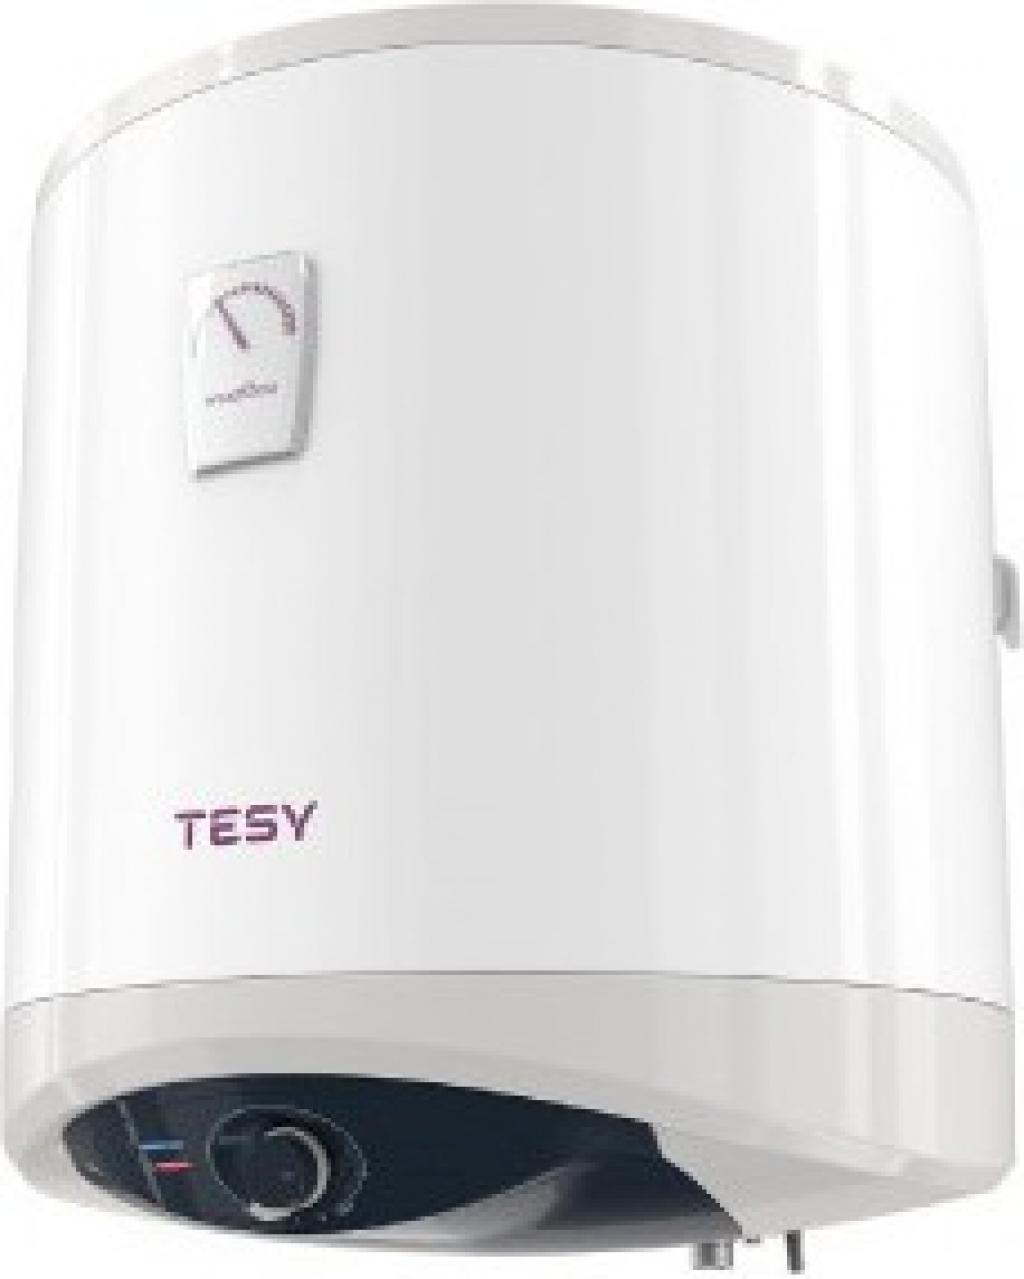 Обемен бойлер TESY GCV-504720 C21 TSR